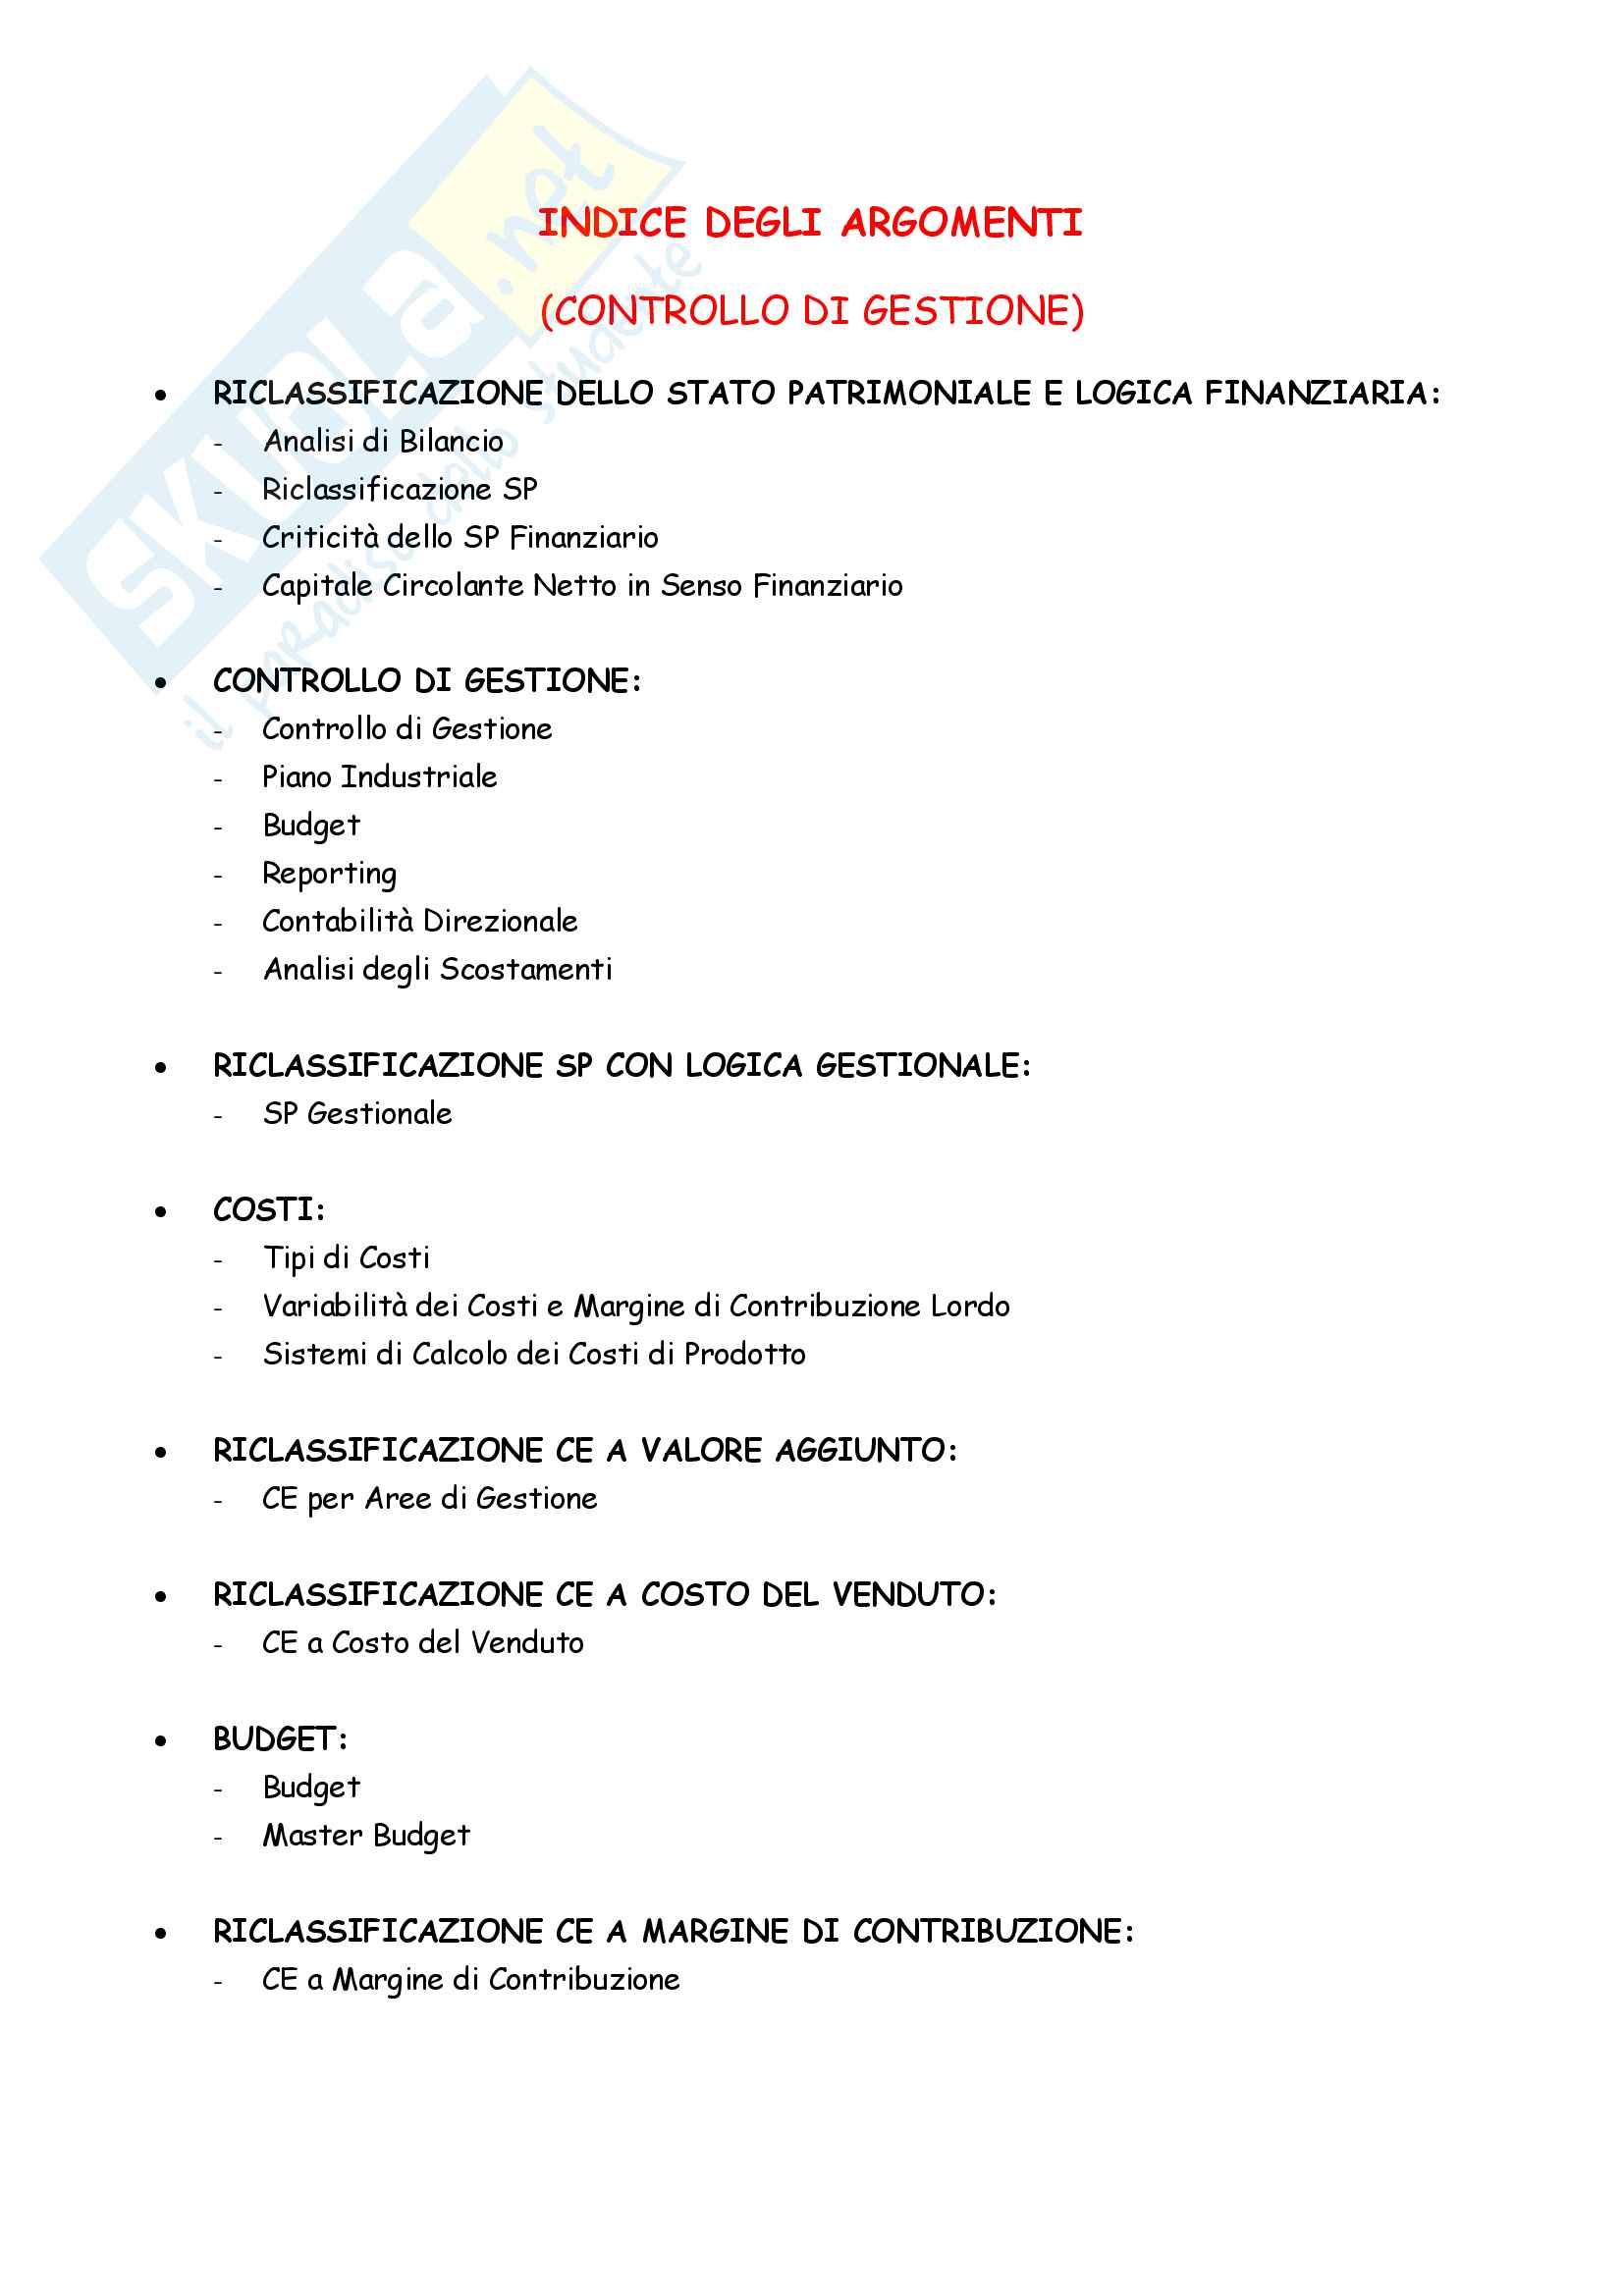 Appunti completi Controllo di gestione